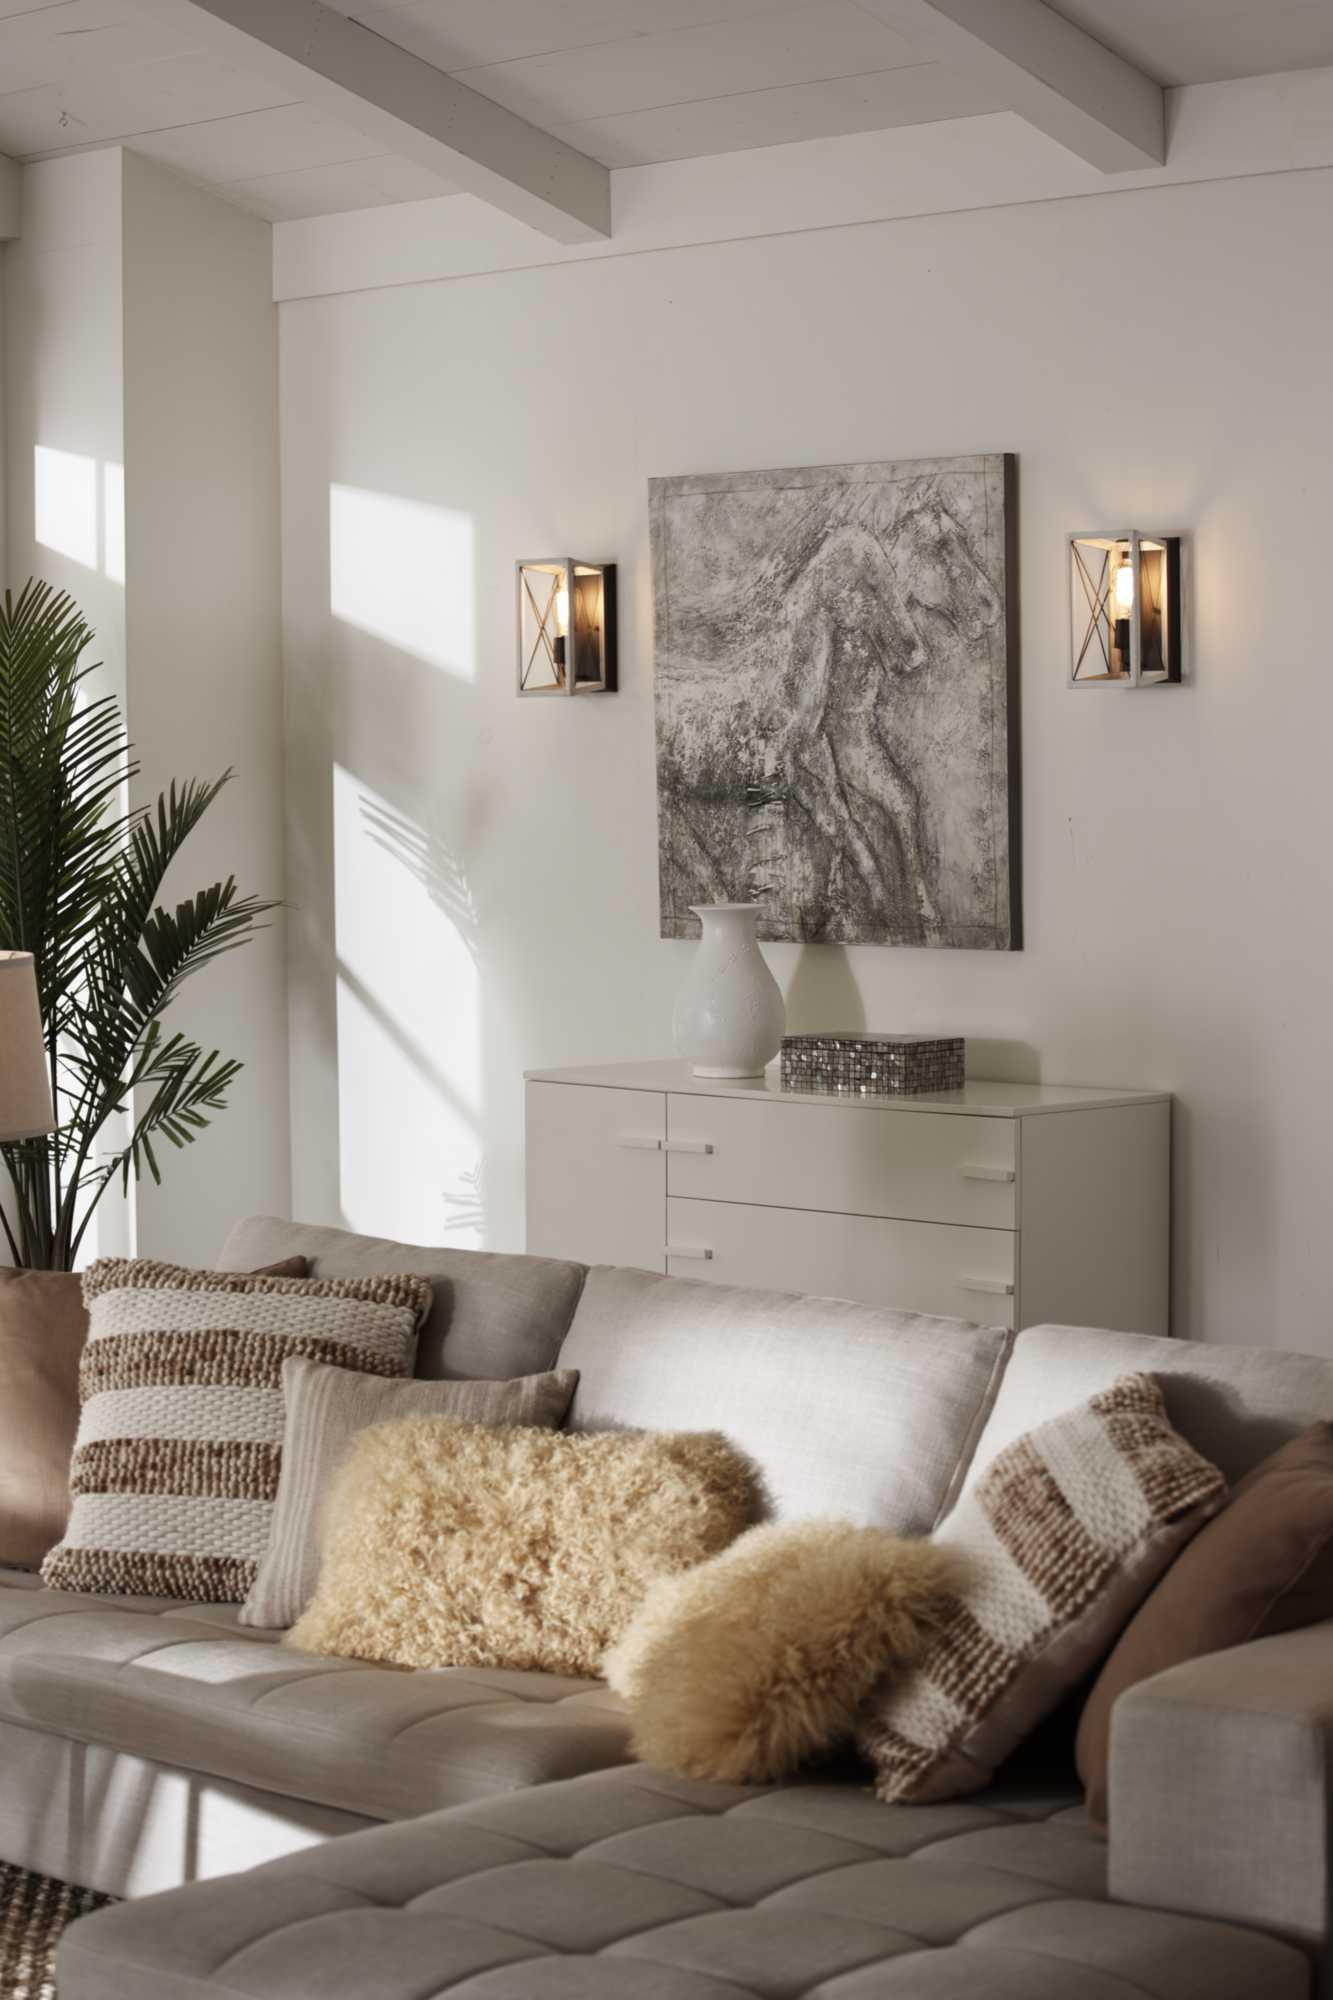 Interior Wall Lighting Indoor Light Fixtures Galleria Lighting